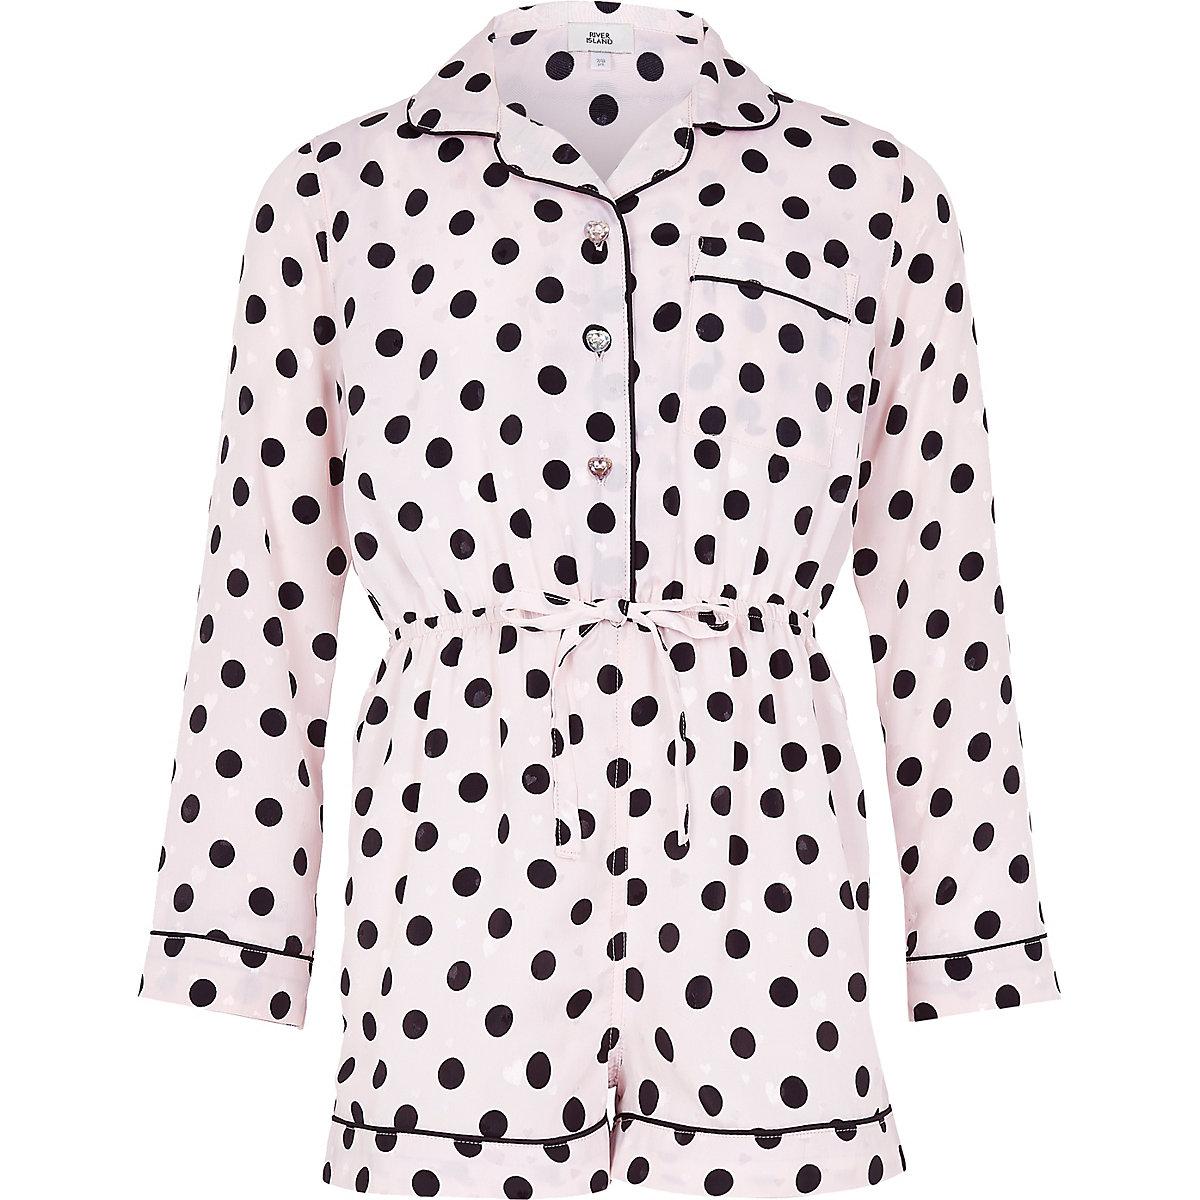 Girls pink polka dot pajama romper